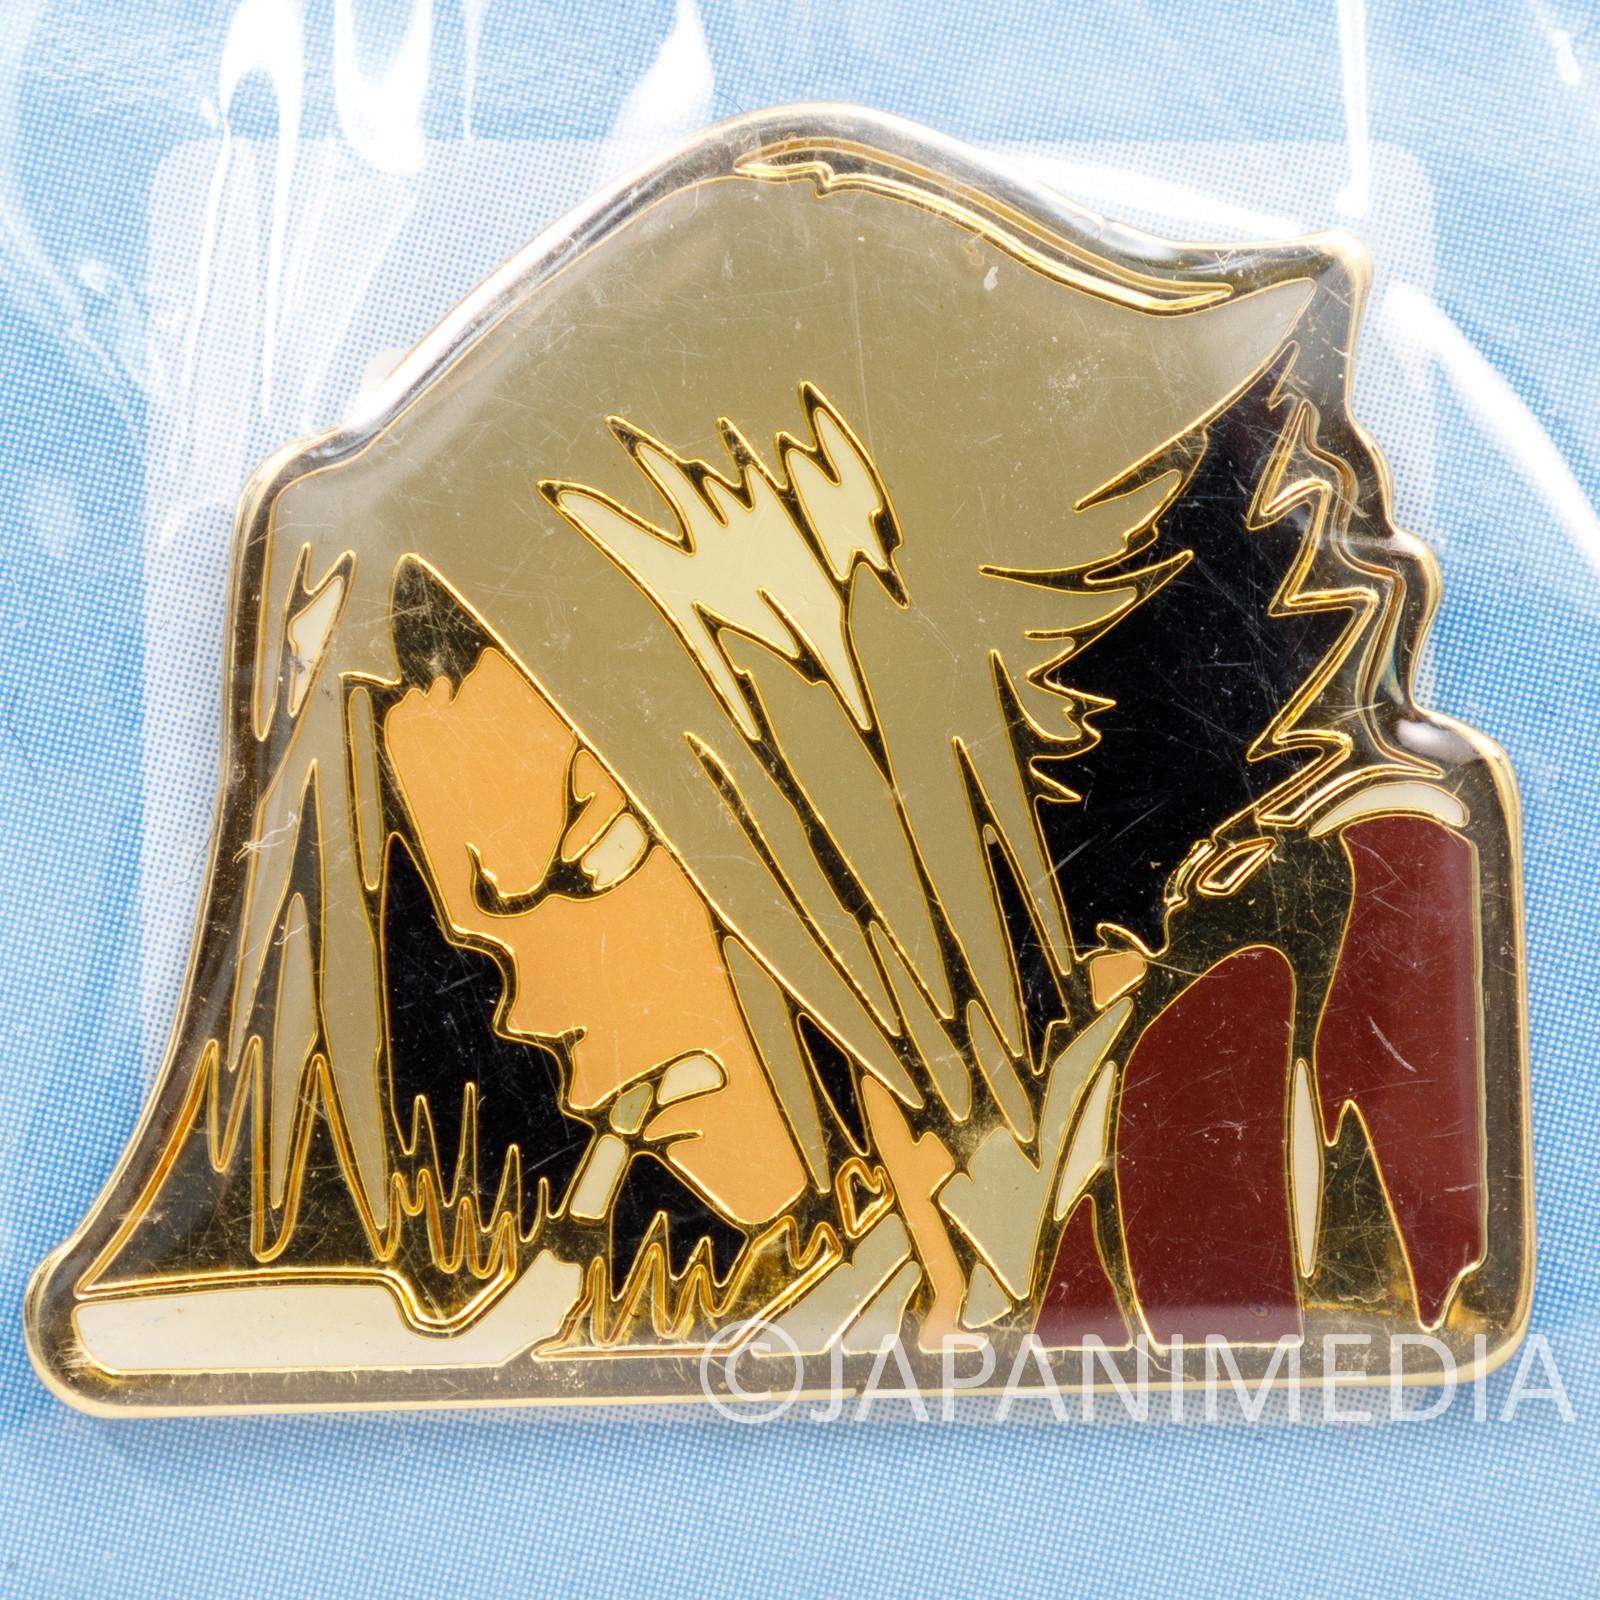 Katekyo Hitman REBORN! Hayato Gokudera Metal Pins JAPAN ANIME WEEKLY JUMP 2